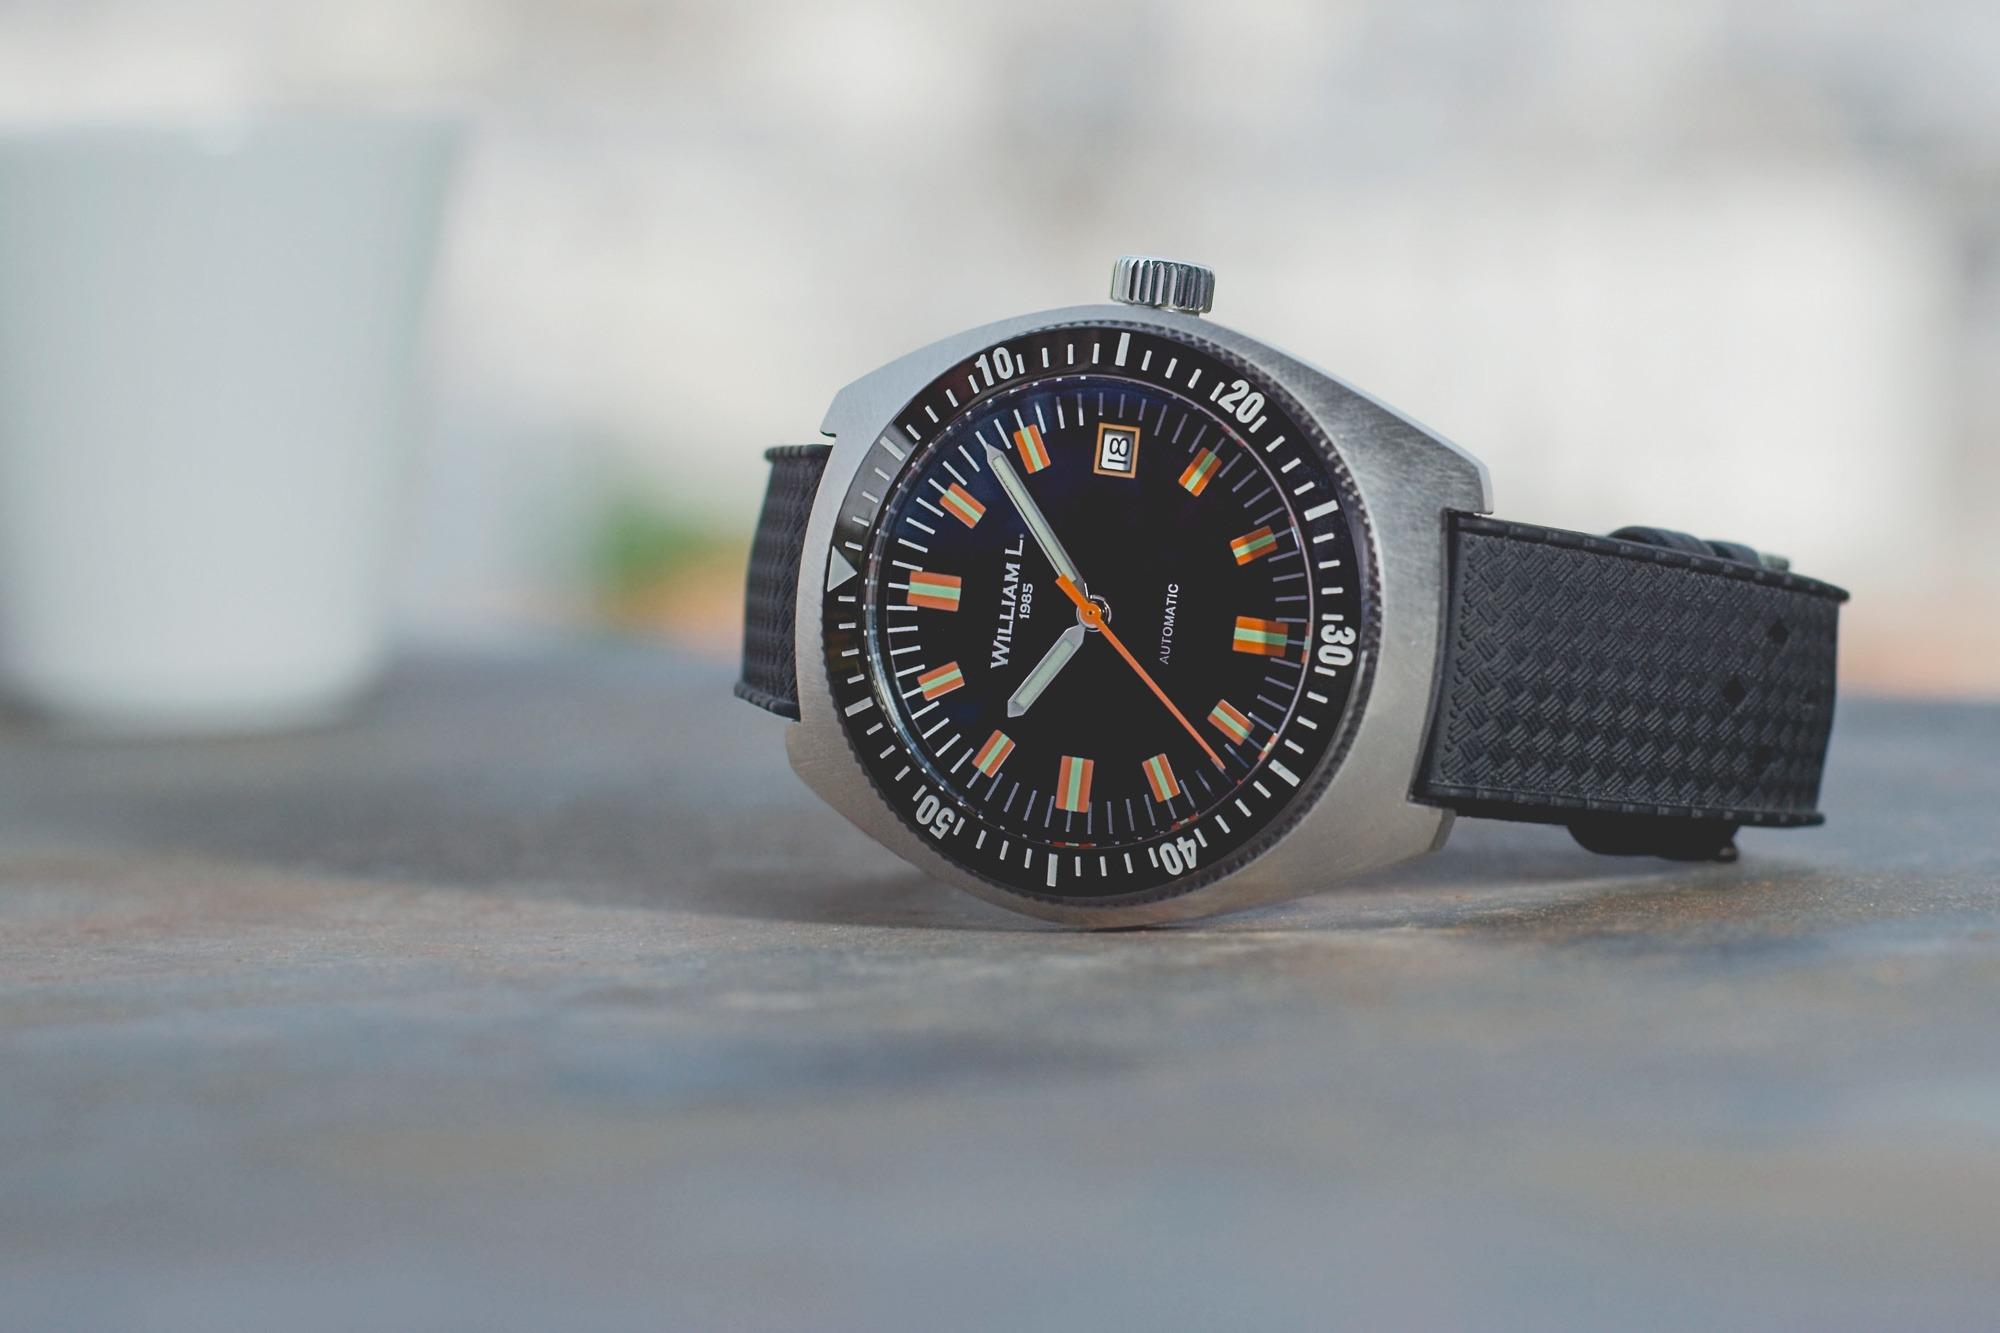 William L 1985 - Automatic Diver Seventies